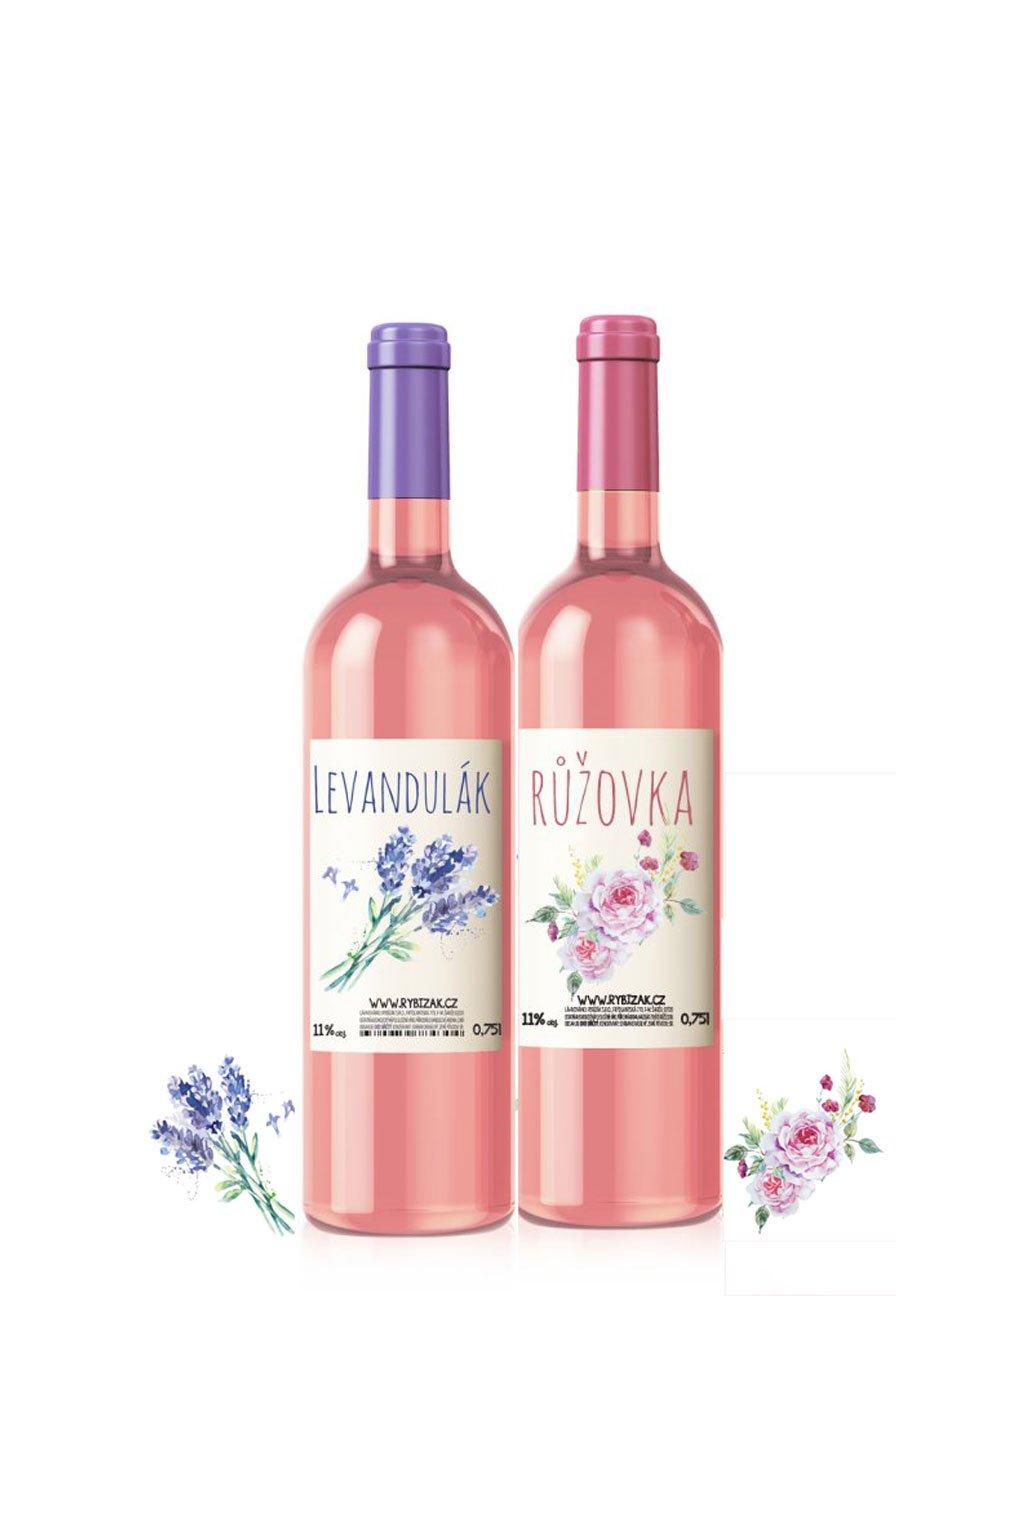 Květinový balíček Levandulak a Ruzovka Gurmeteka